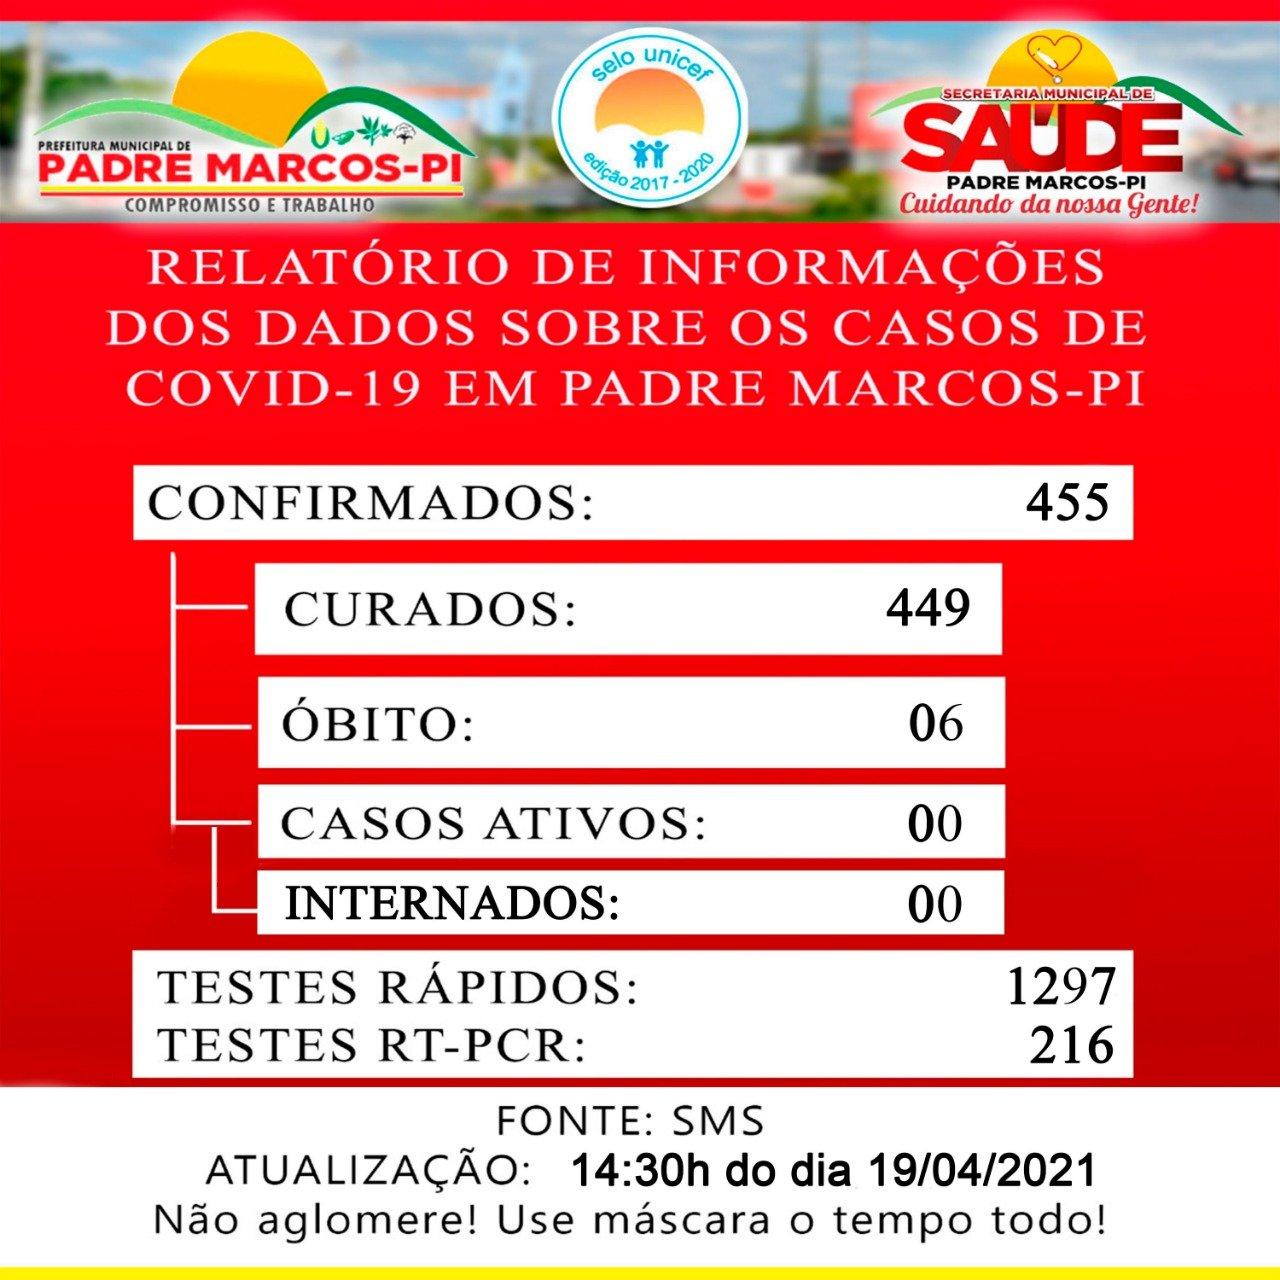 Boletim divulgado pela Secretaria Municipal da Saúde de Padre Marcos